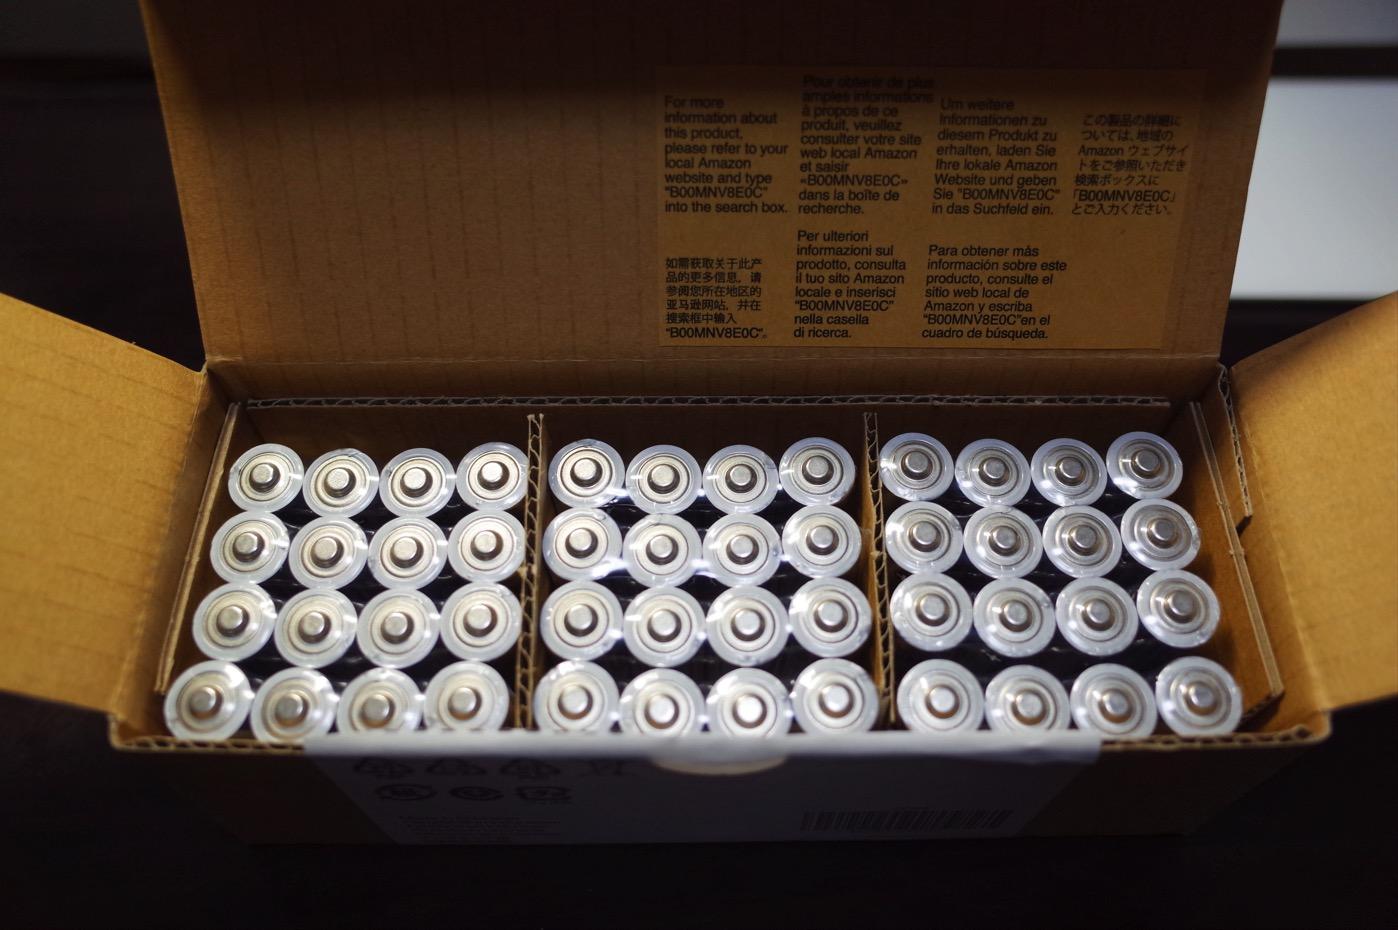 Amazon電池-2